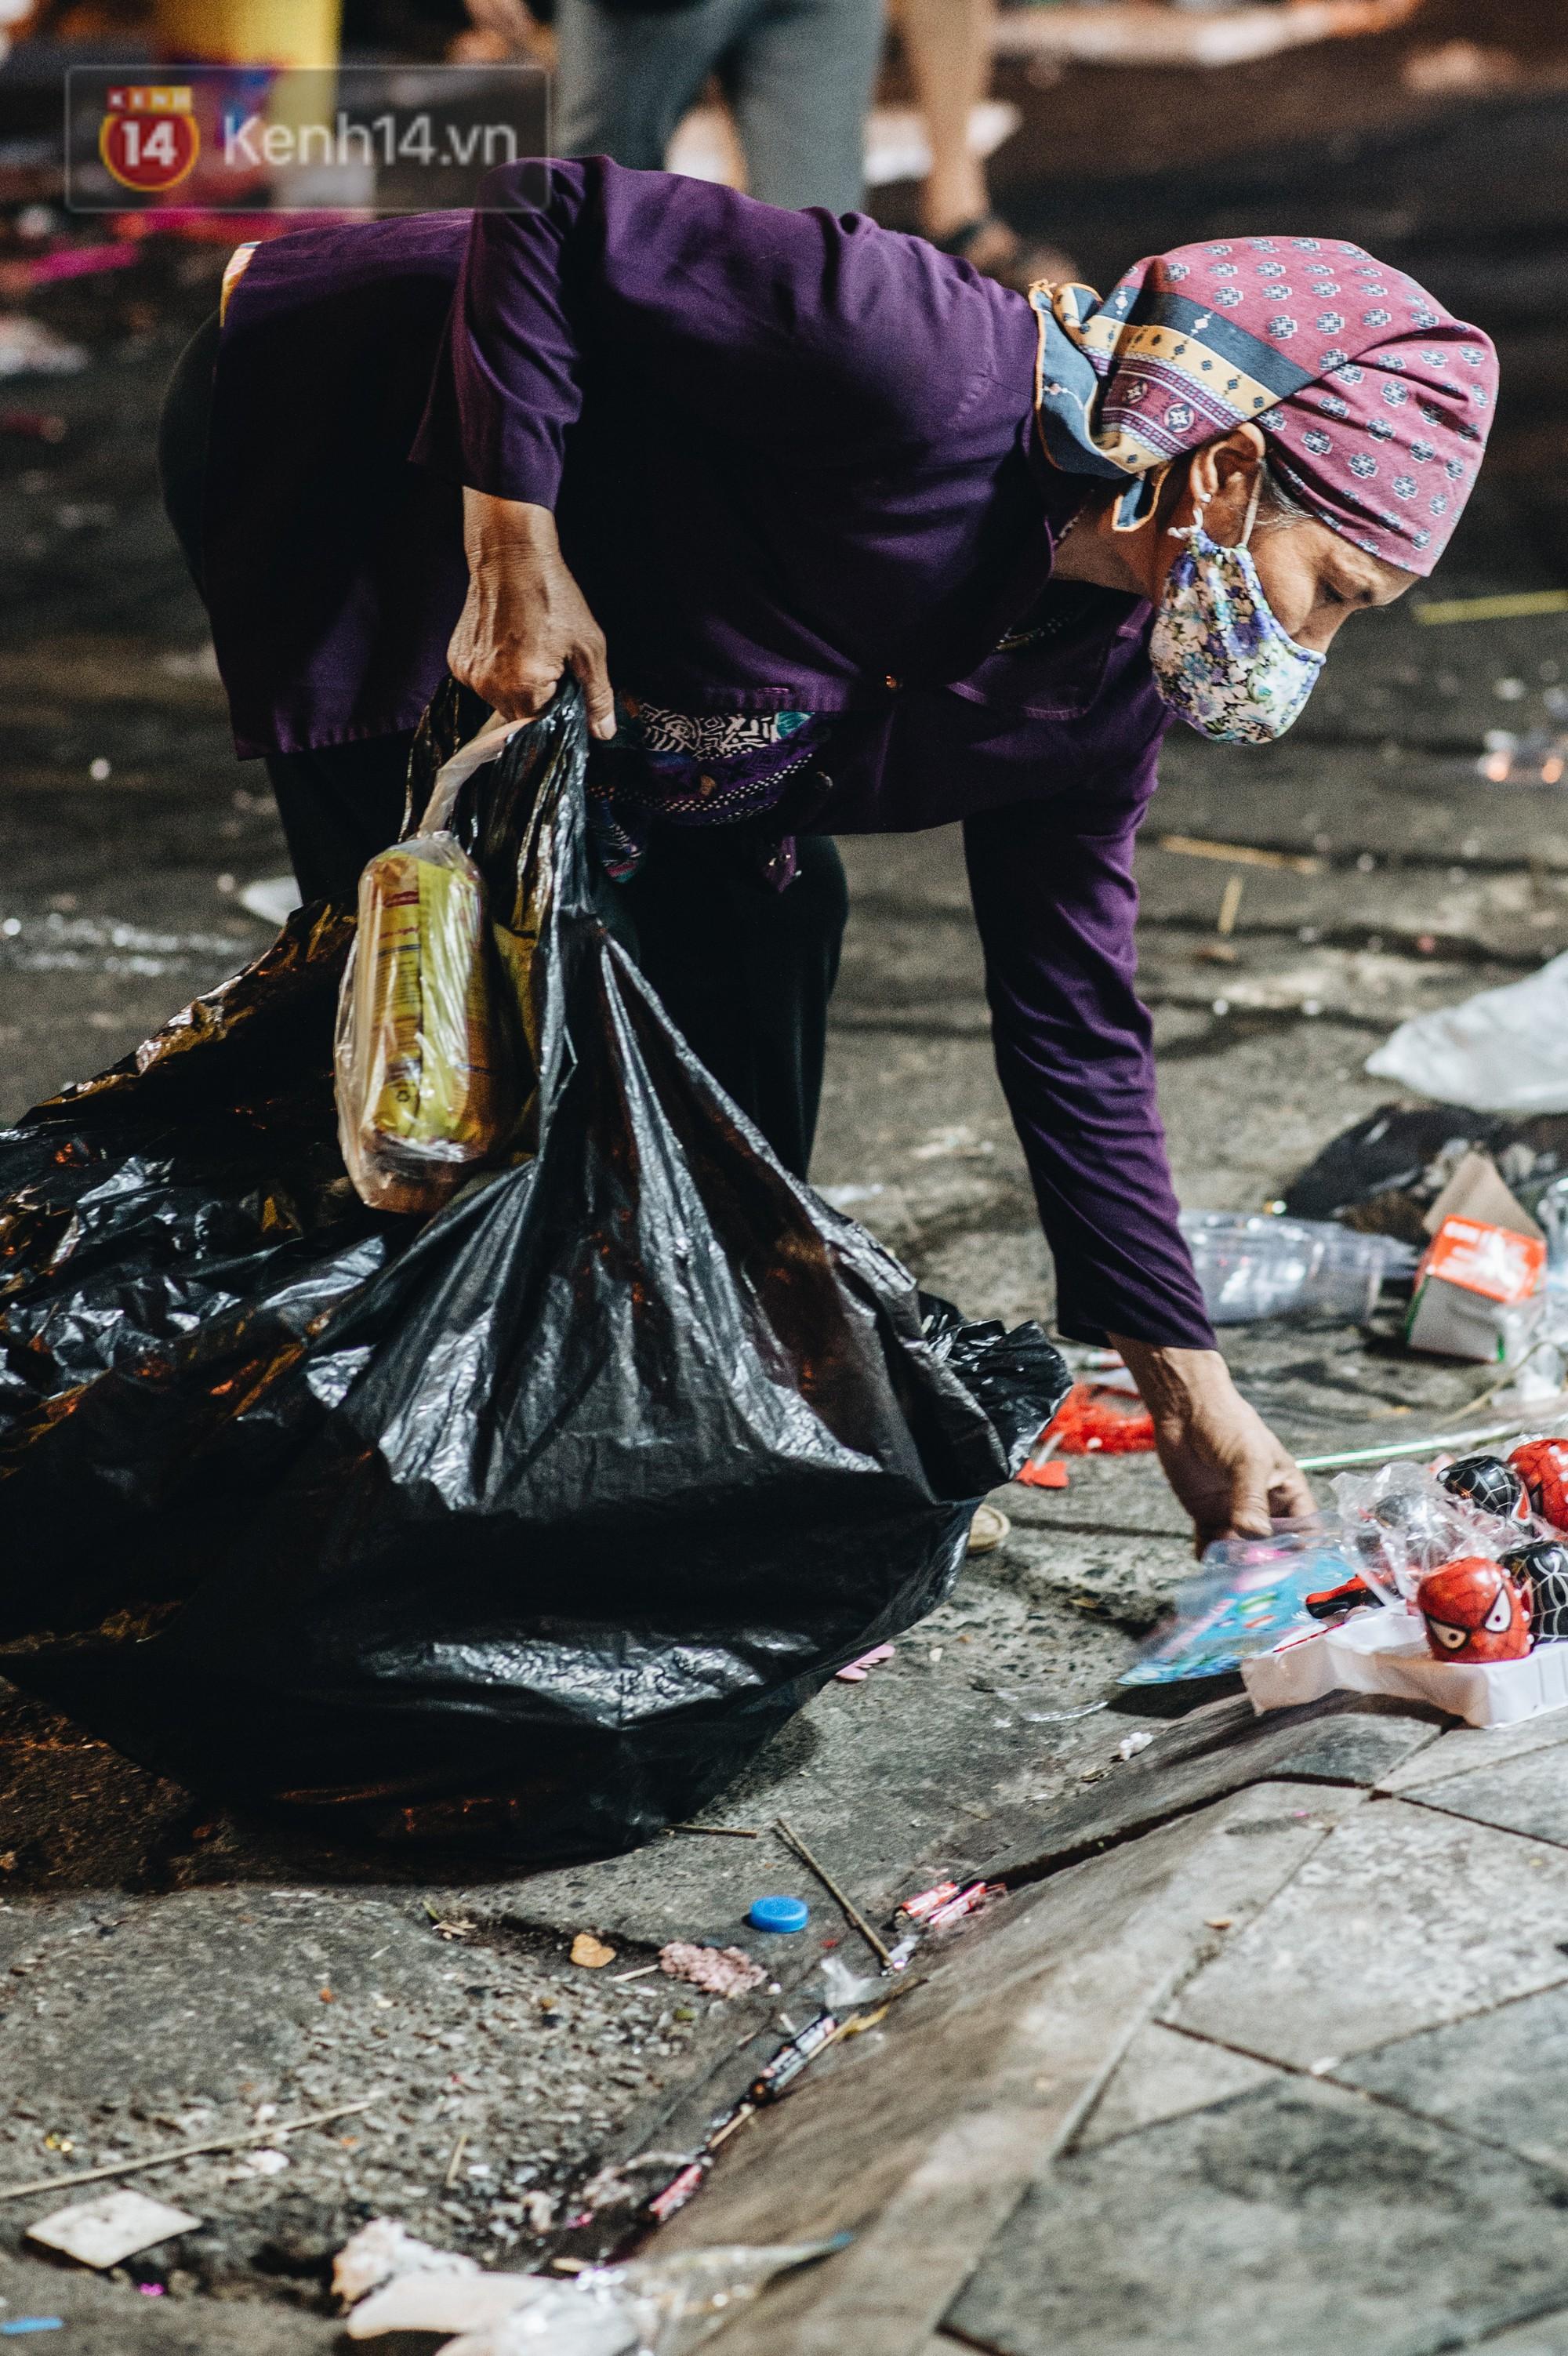 Sau Trung Thu, chợ truyền thống ở Hà nội ngập trong rác thải - Ảnh 14.